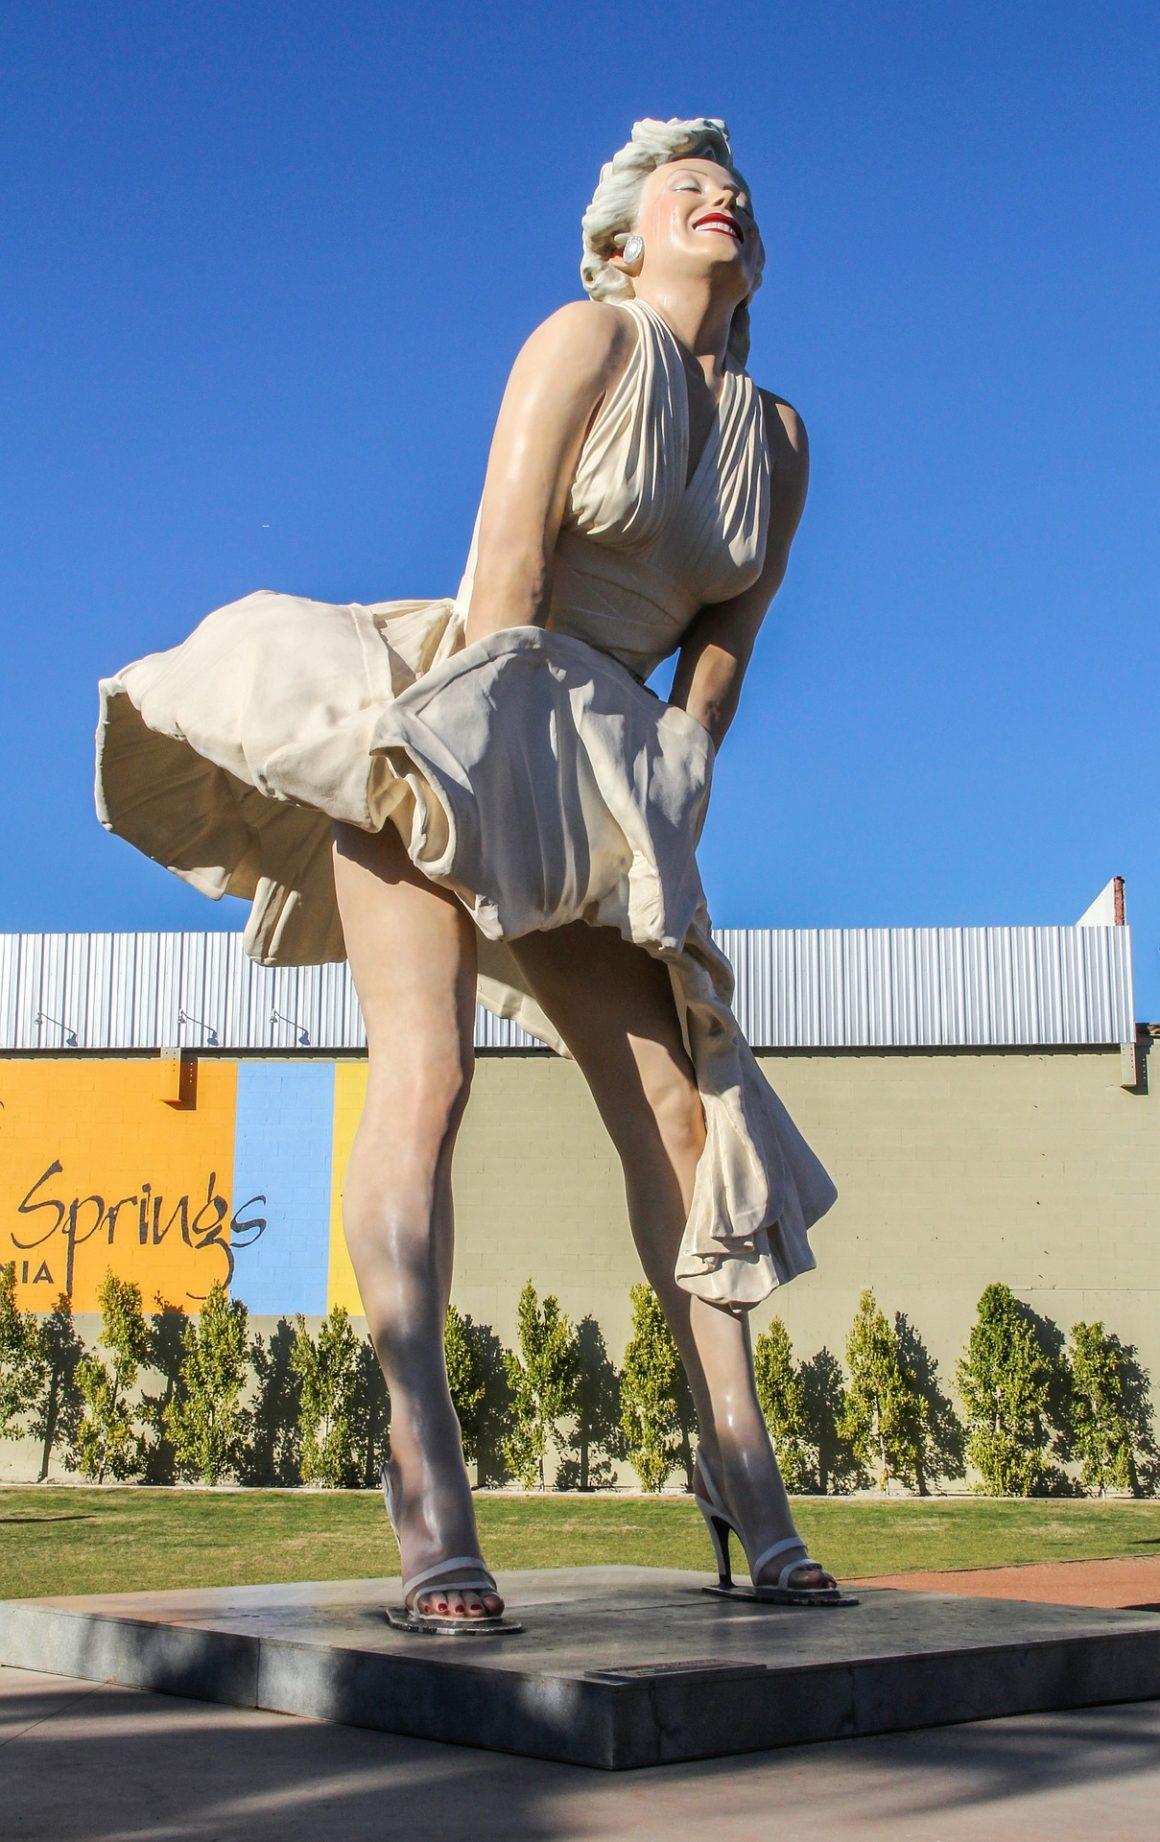 que hacer en Palm Springs, California, Coachella - Thewotme que hacer en palm springs - marilyn 592363 1920 1160x1842 - Las mejores cosas que hacer en Palm Springs